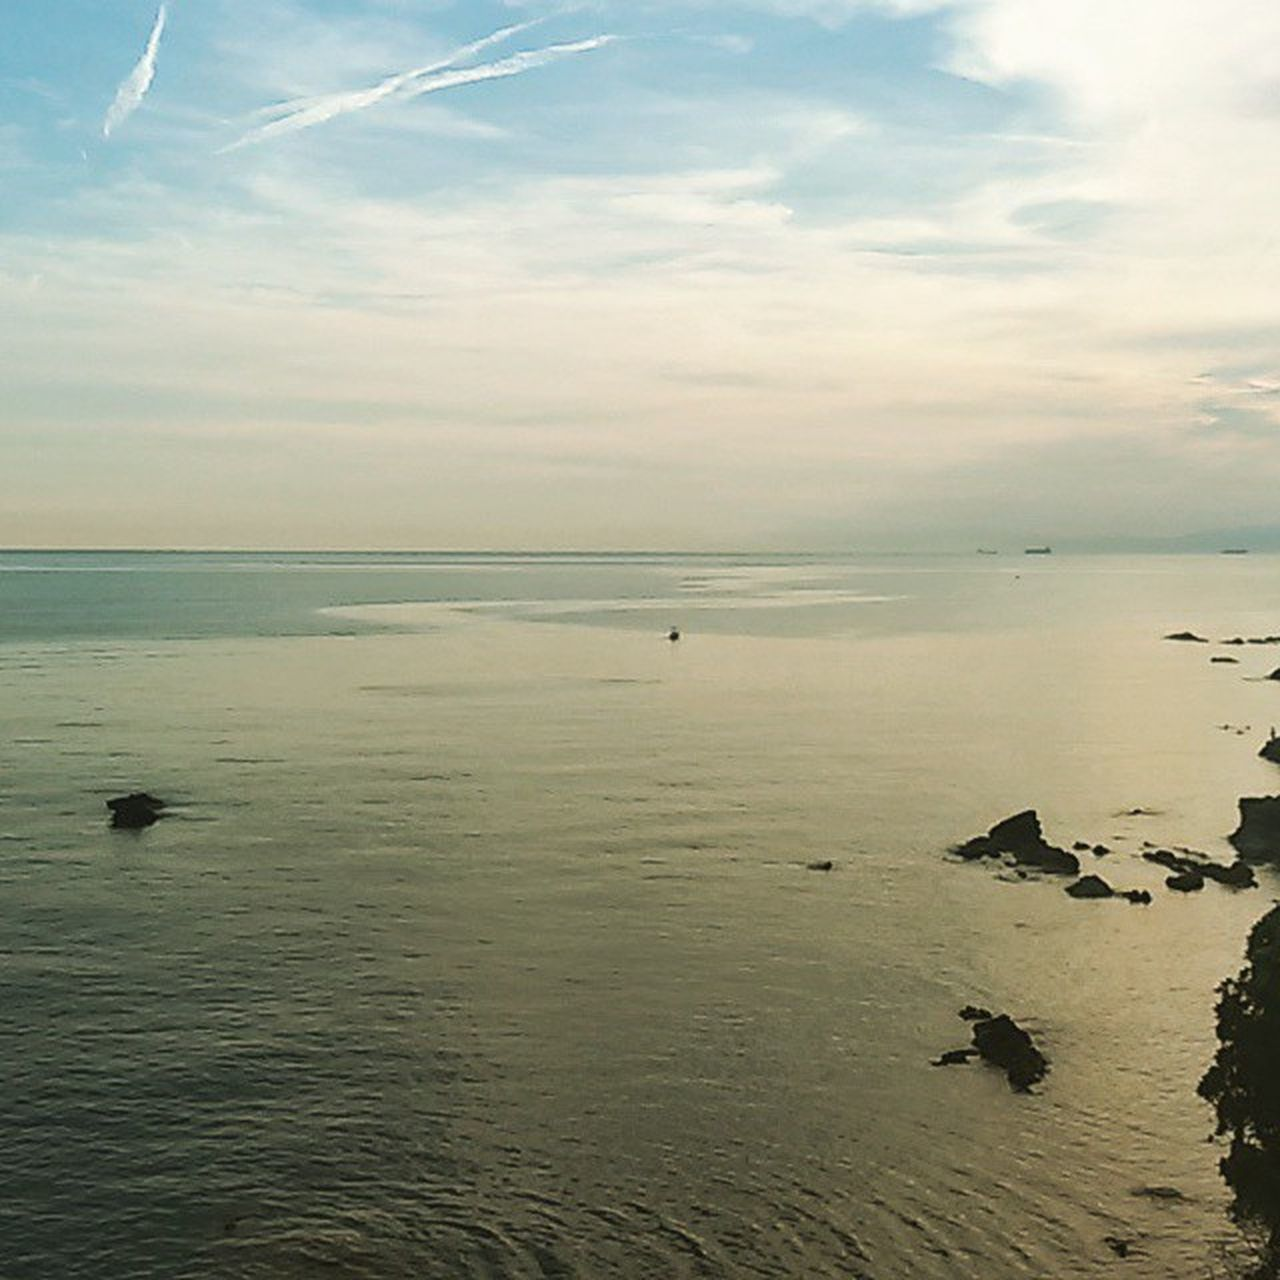 Mare Sea Juno